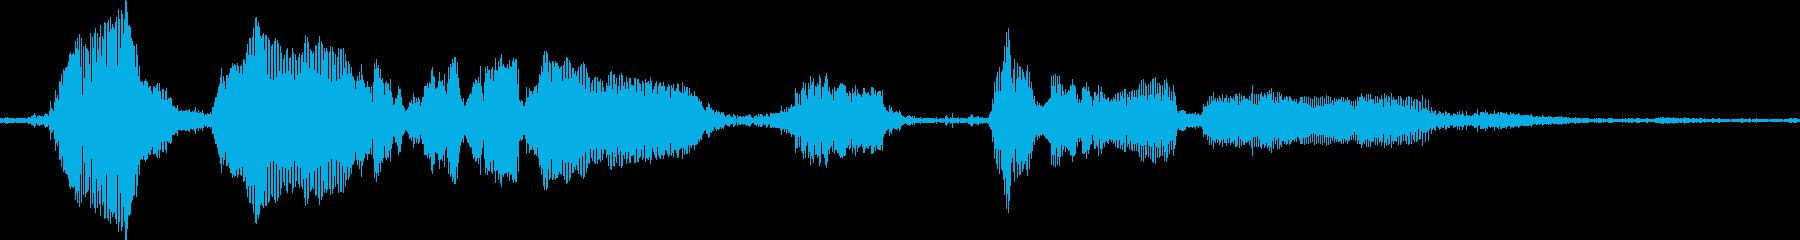 水中での水中活動の男性の声の再生済みの波形